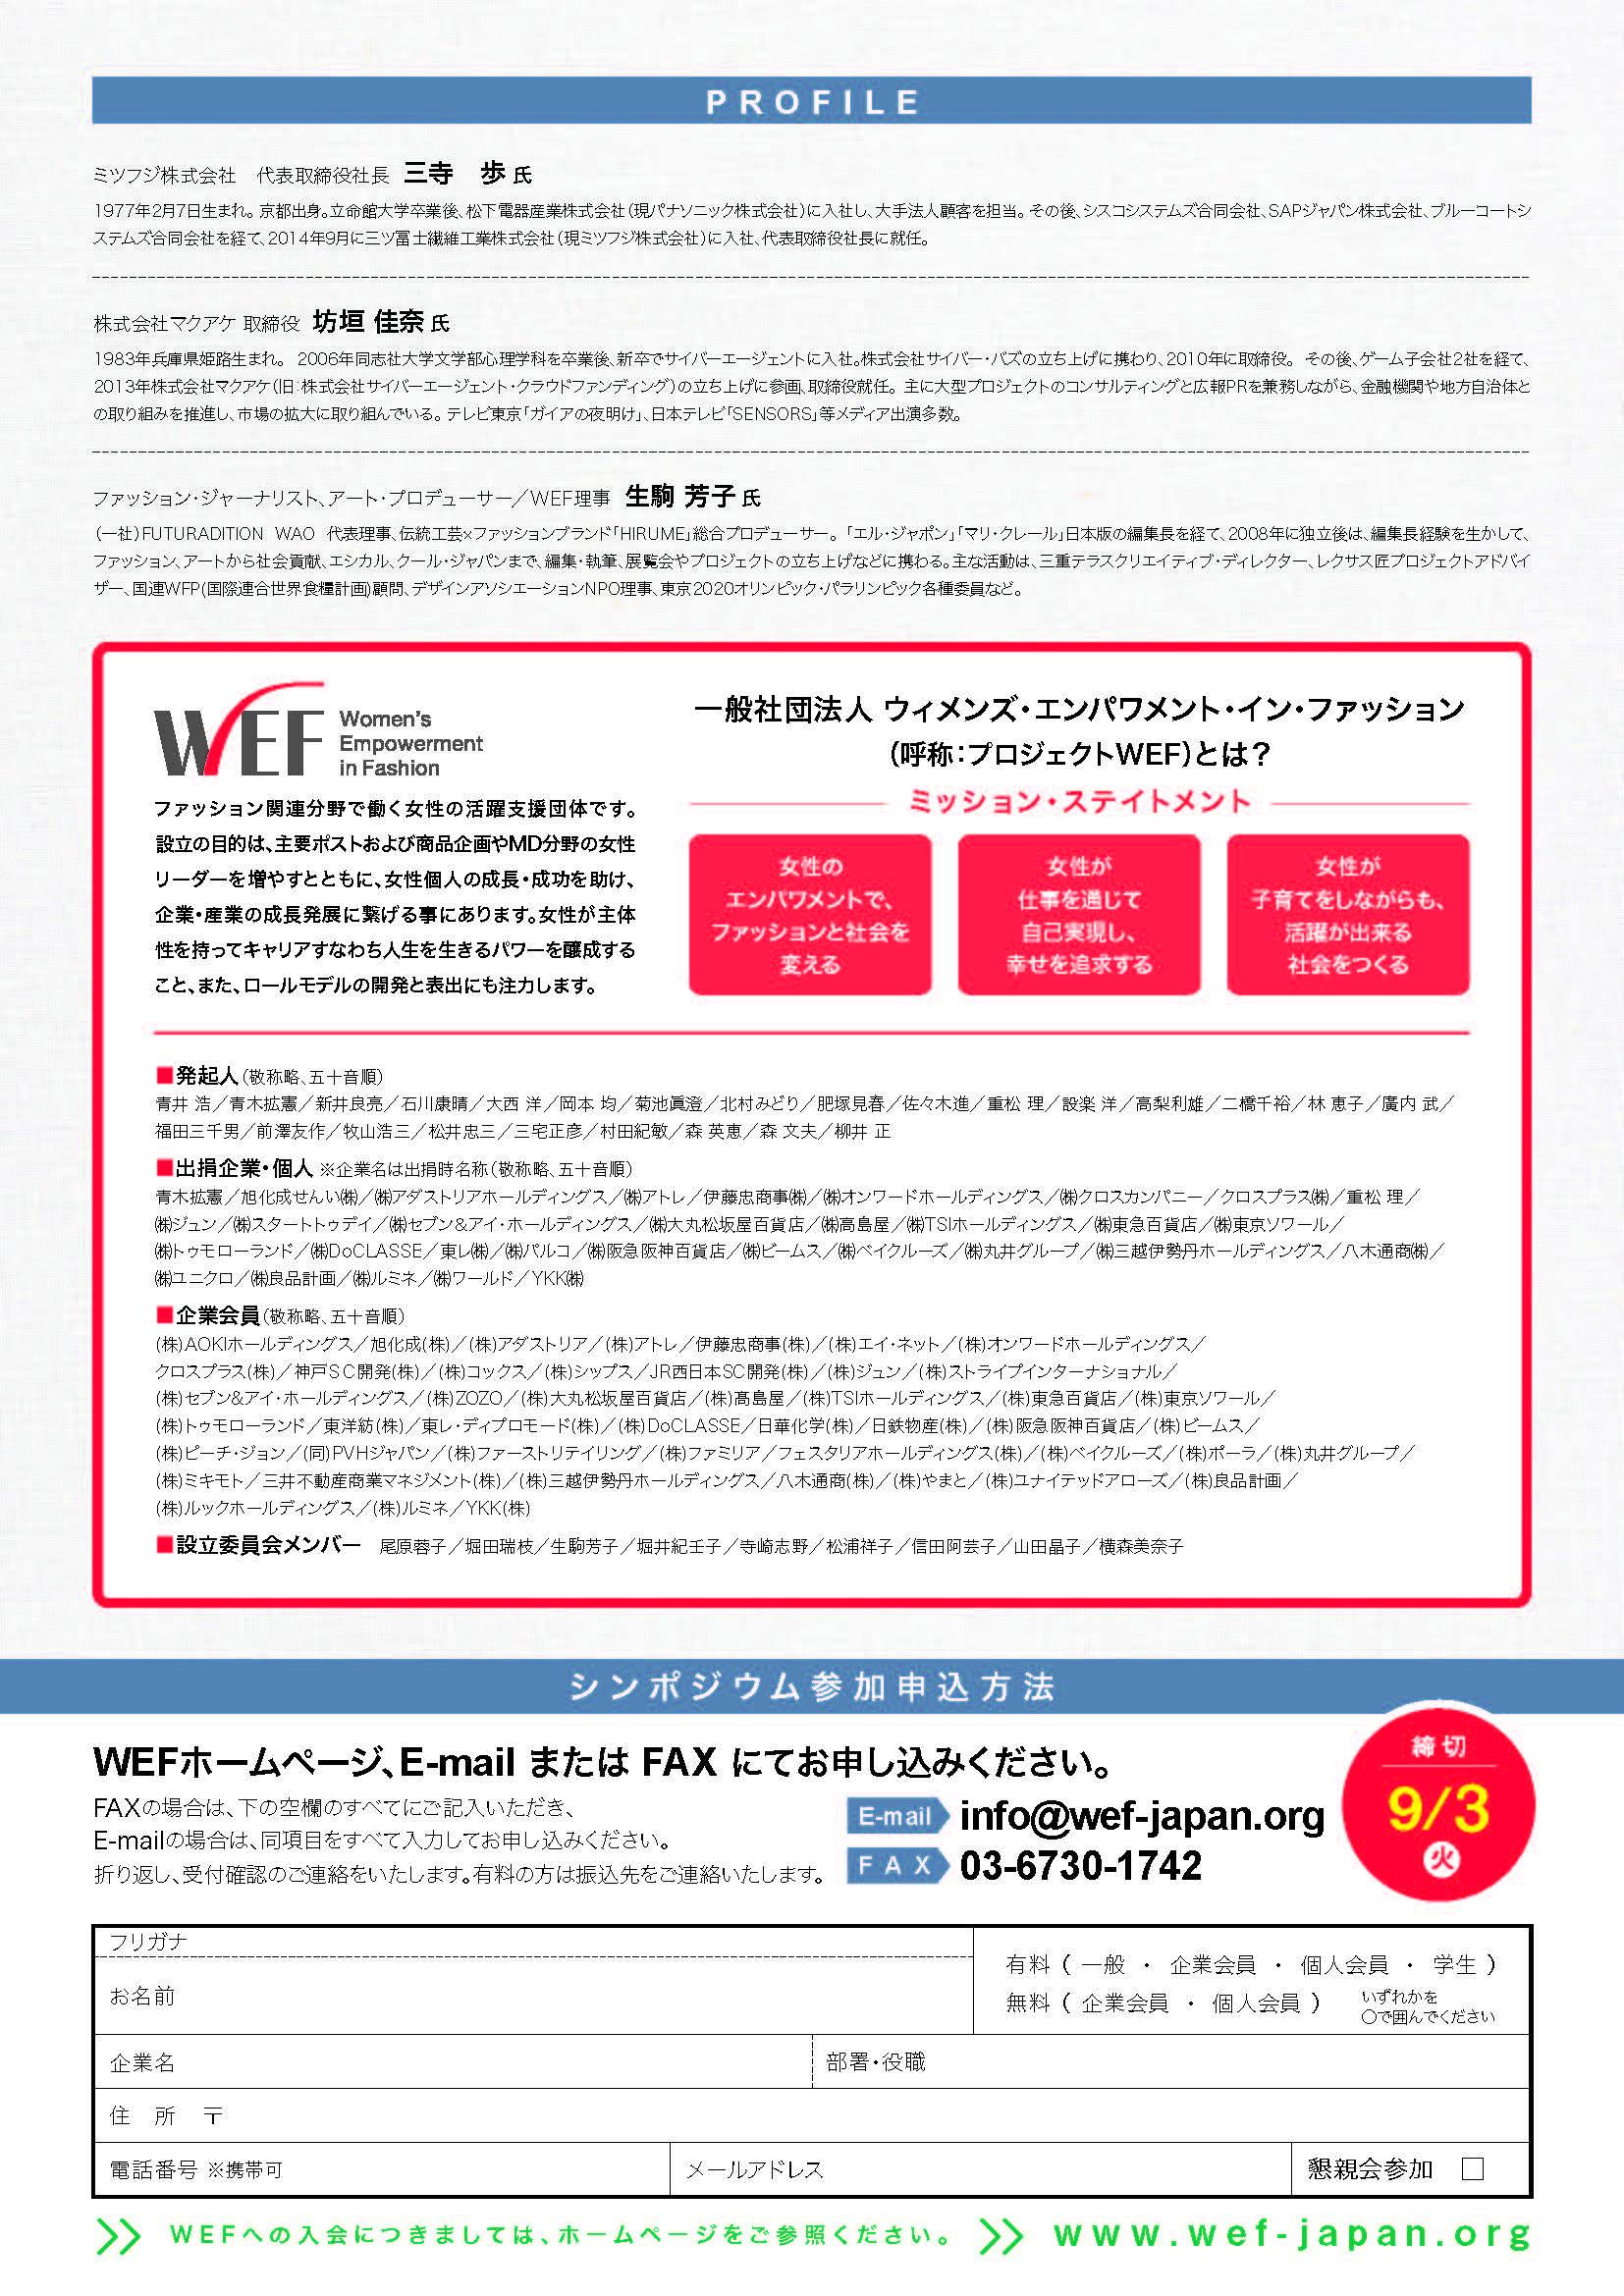 第14回公開シンポジウムご案内 (002)_ページ_2